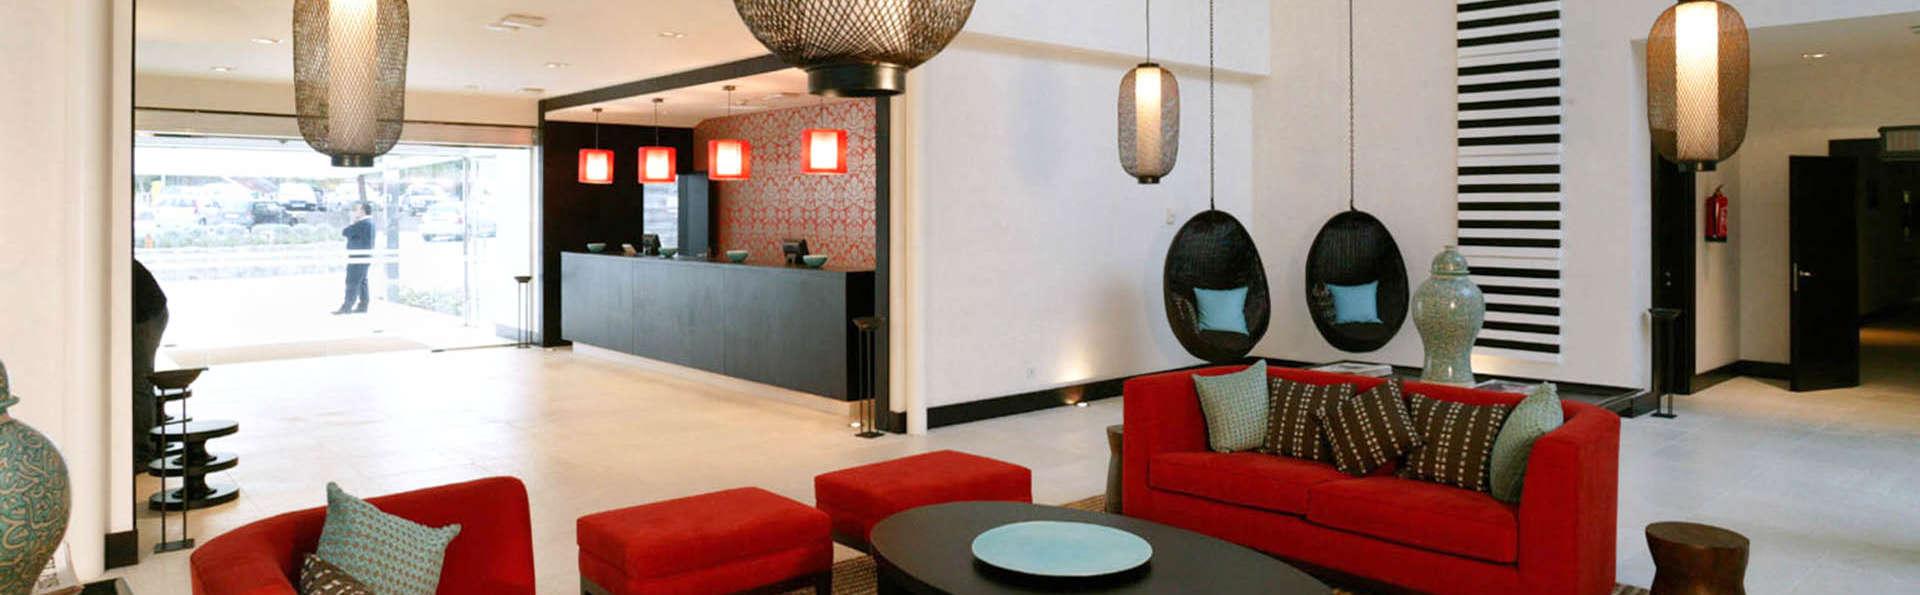 Hotel Encinar de Sotogrande - EDIT_LOBBY_01.jpg